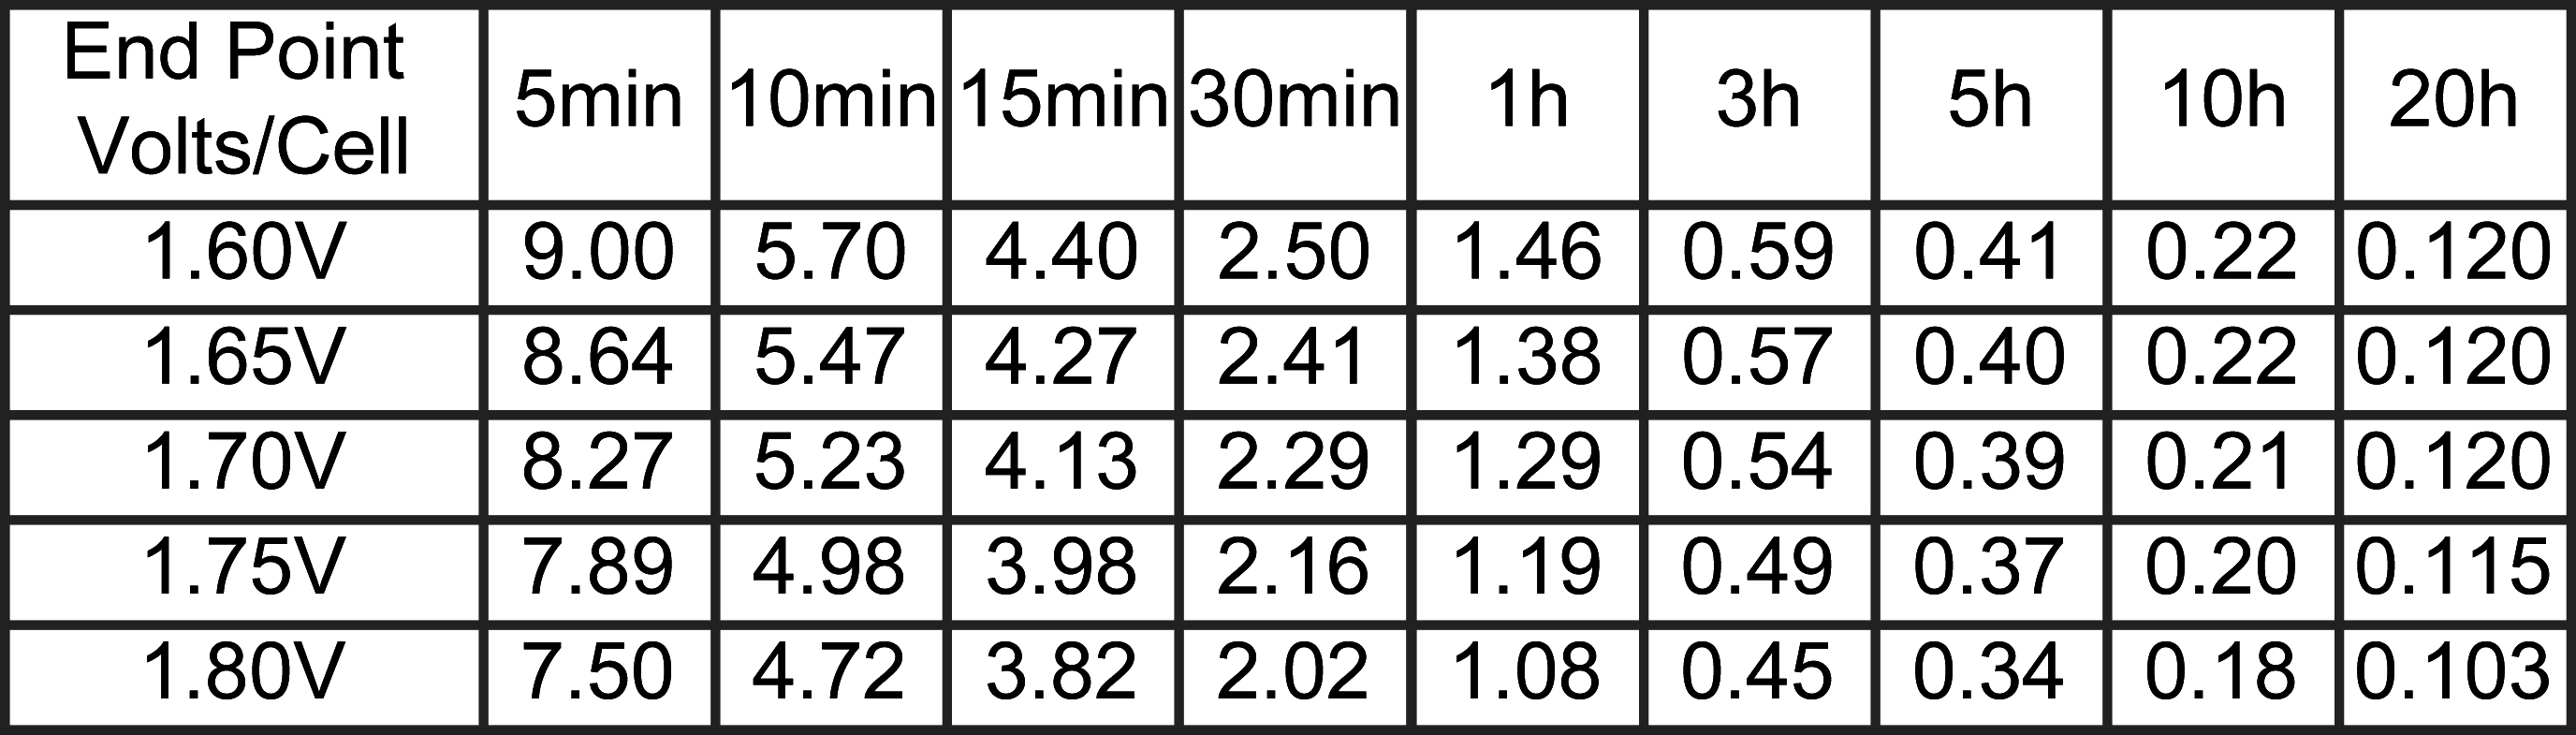 TLV1223 - 12V 2.3Ah Sealed Lead Acid Battery - Constant Current Discharge